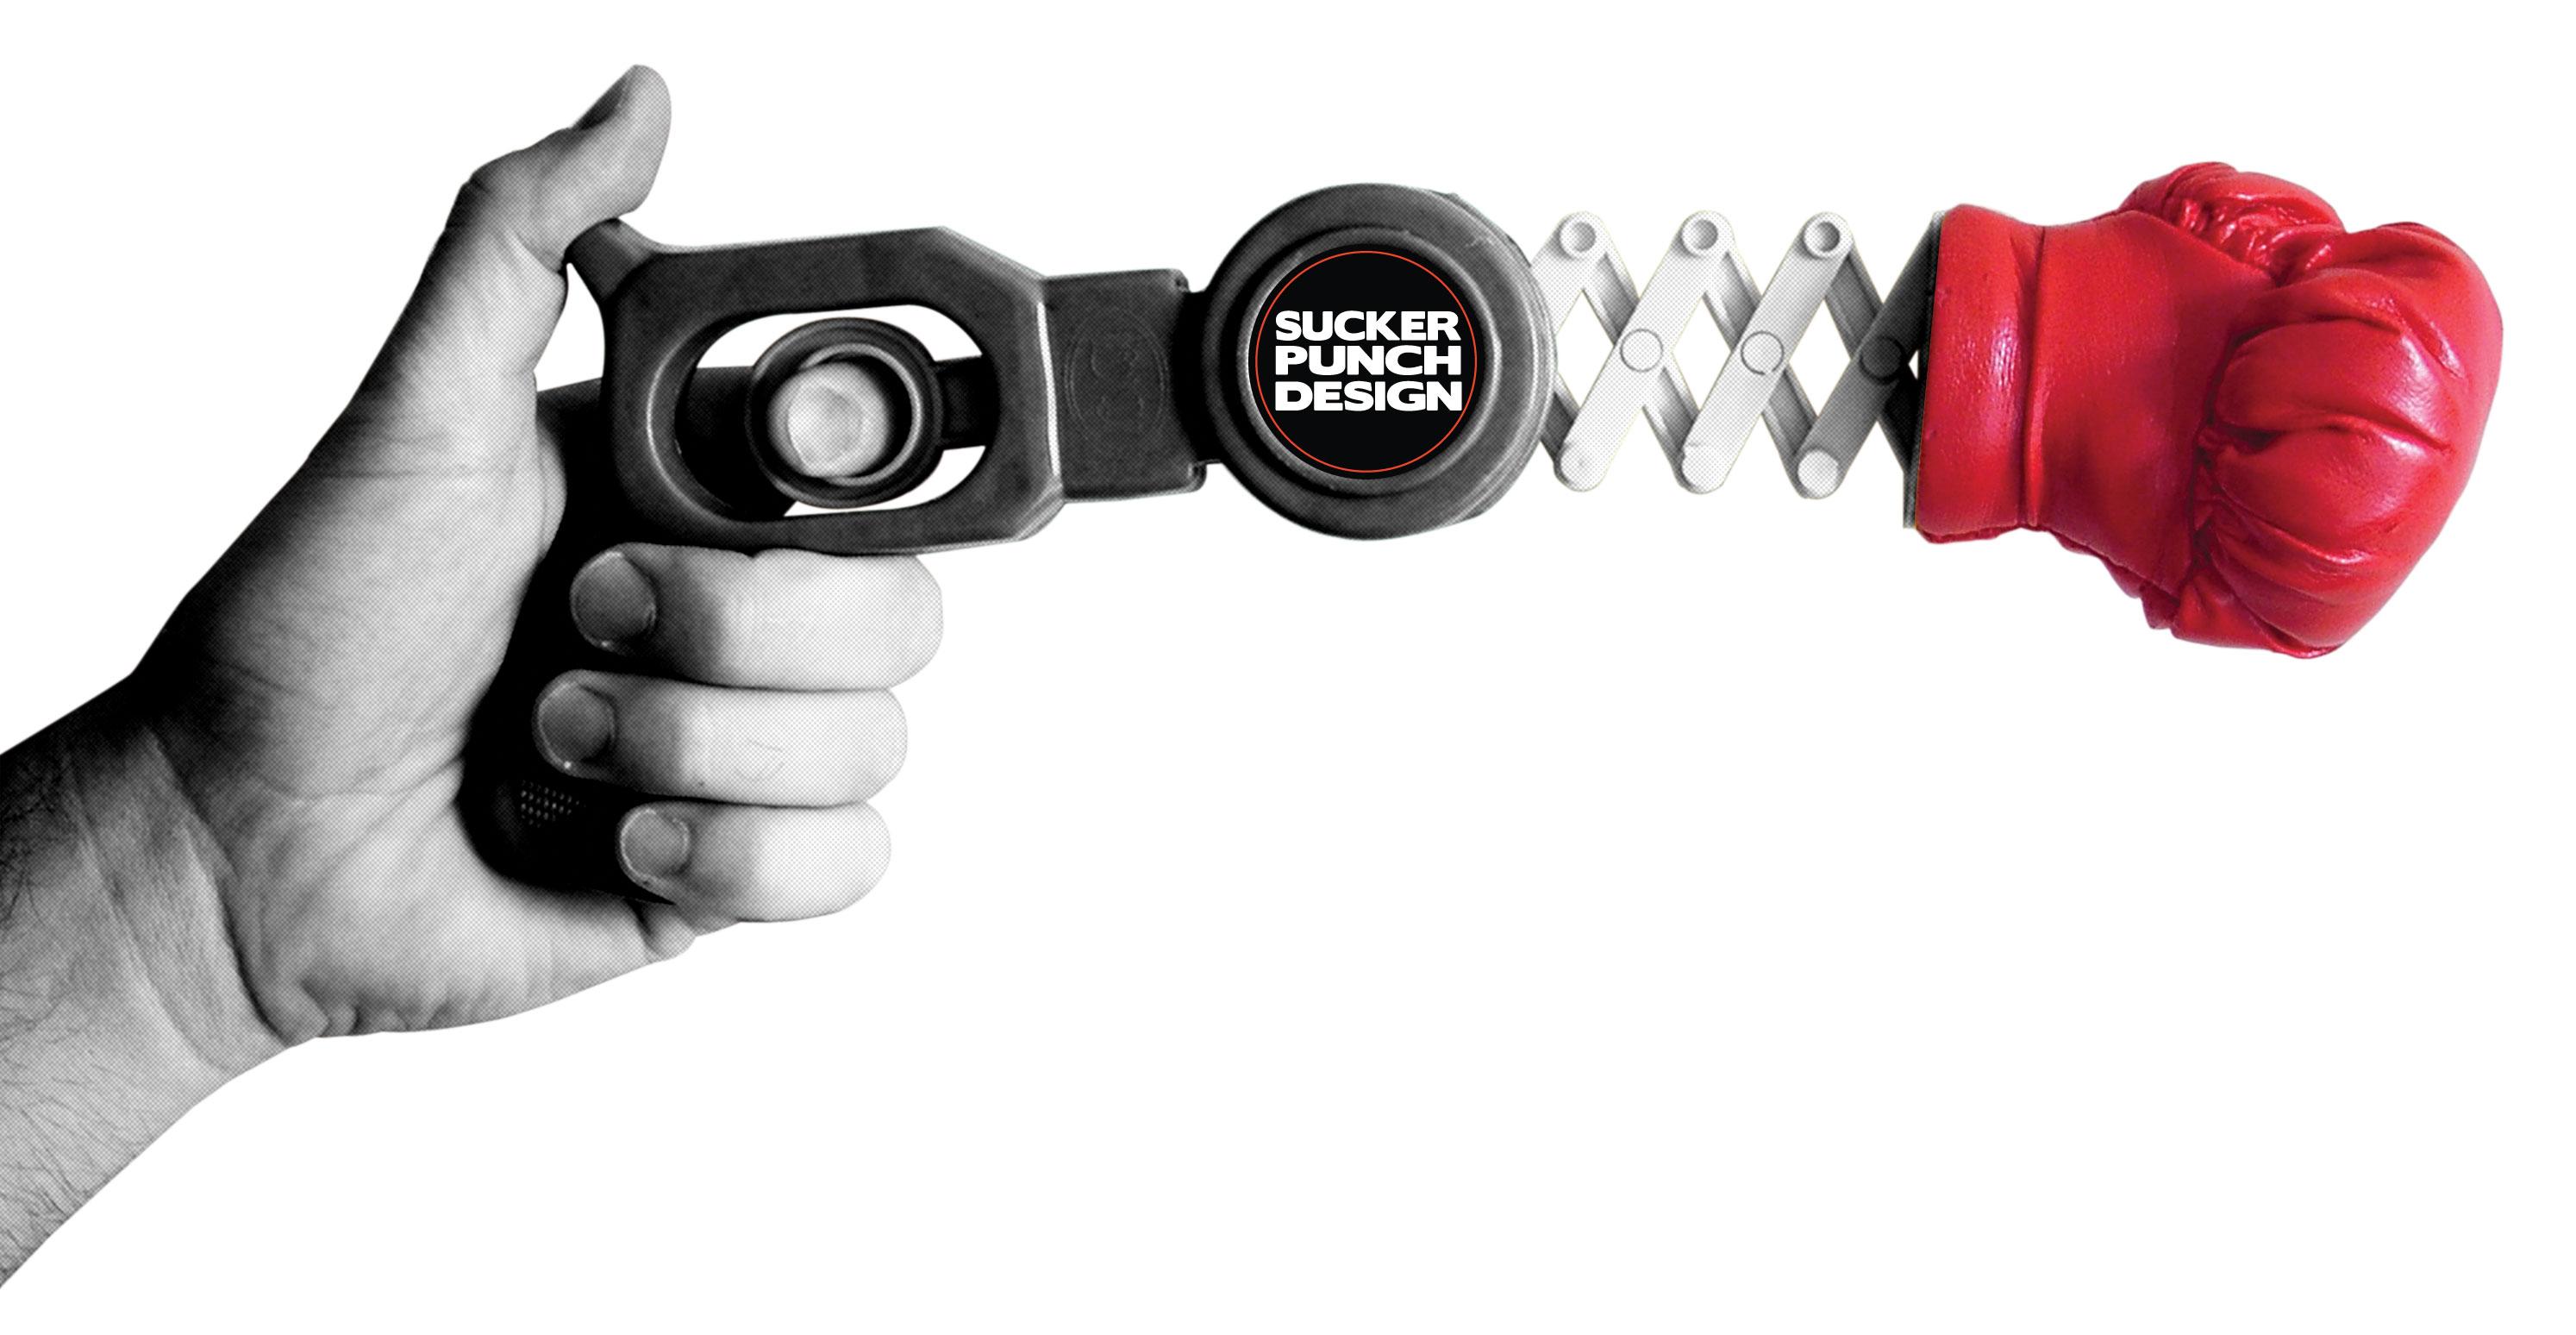 SuckerPunch Design